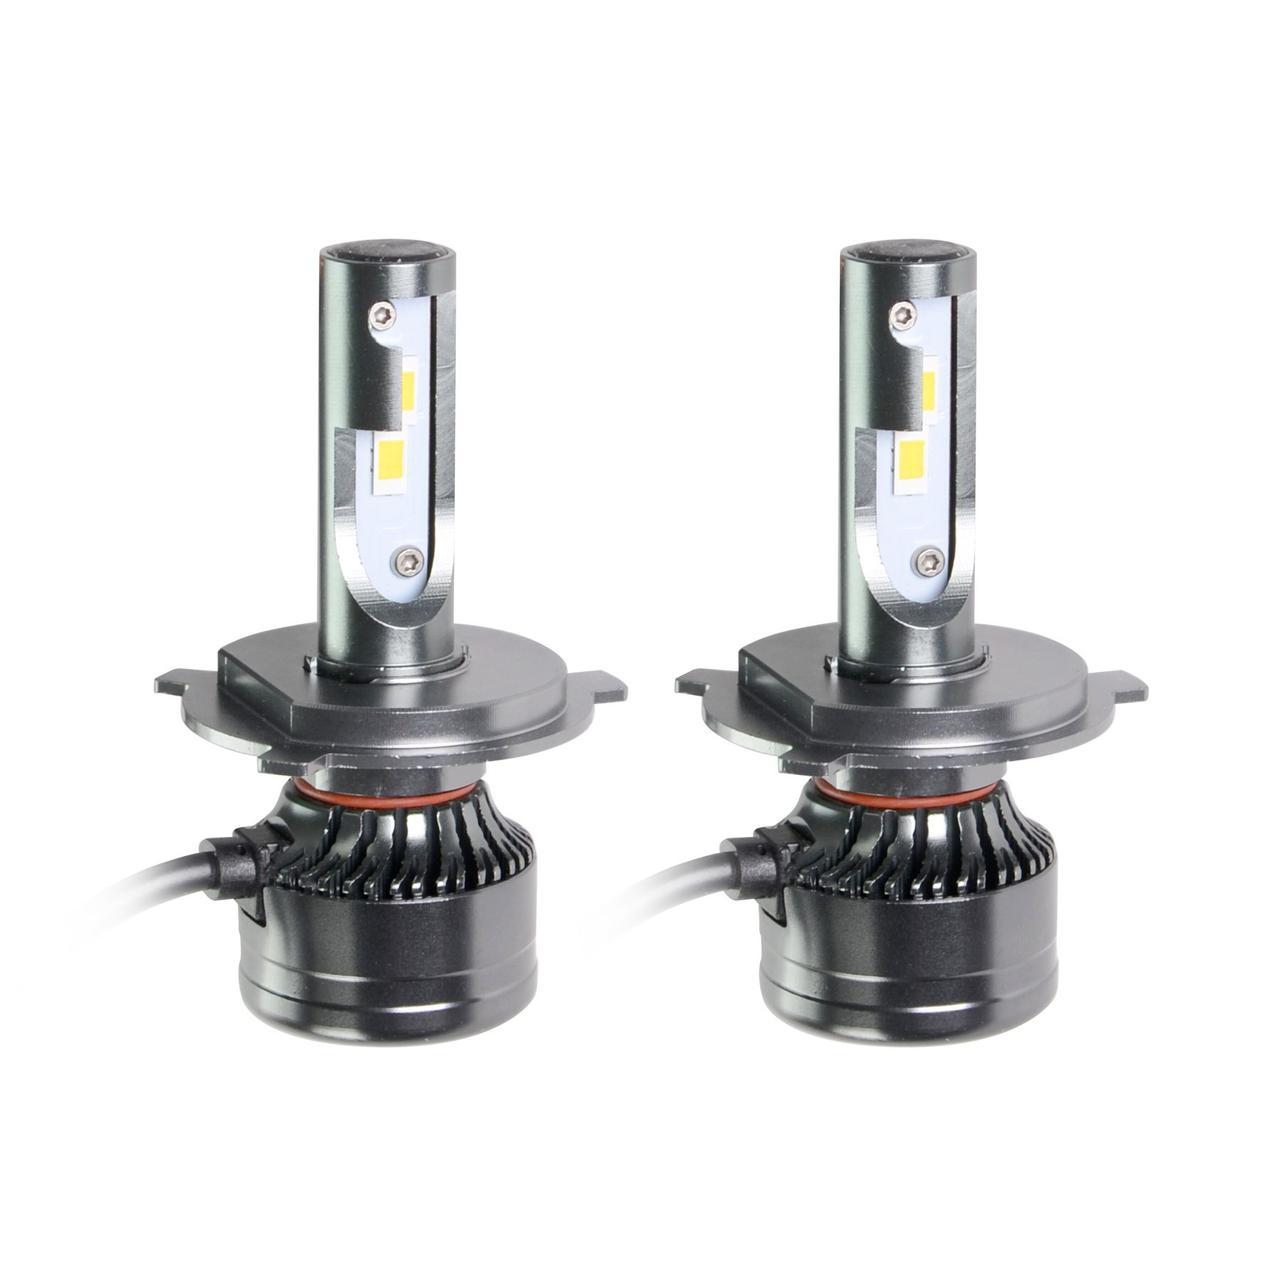 Светодиодные LED лампы MLux Orange Line H4, 28 Вт, 4300°К